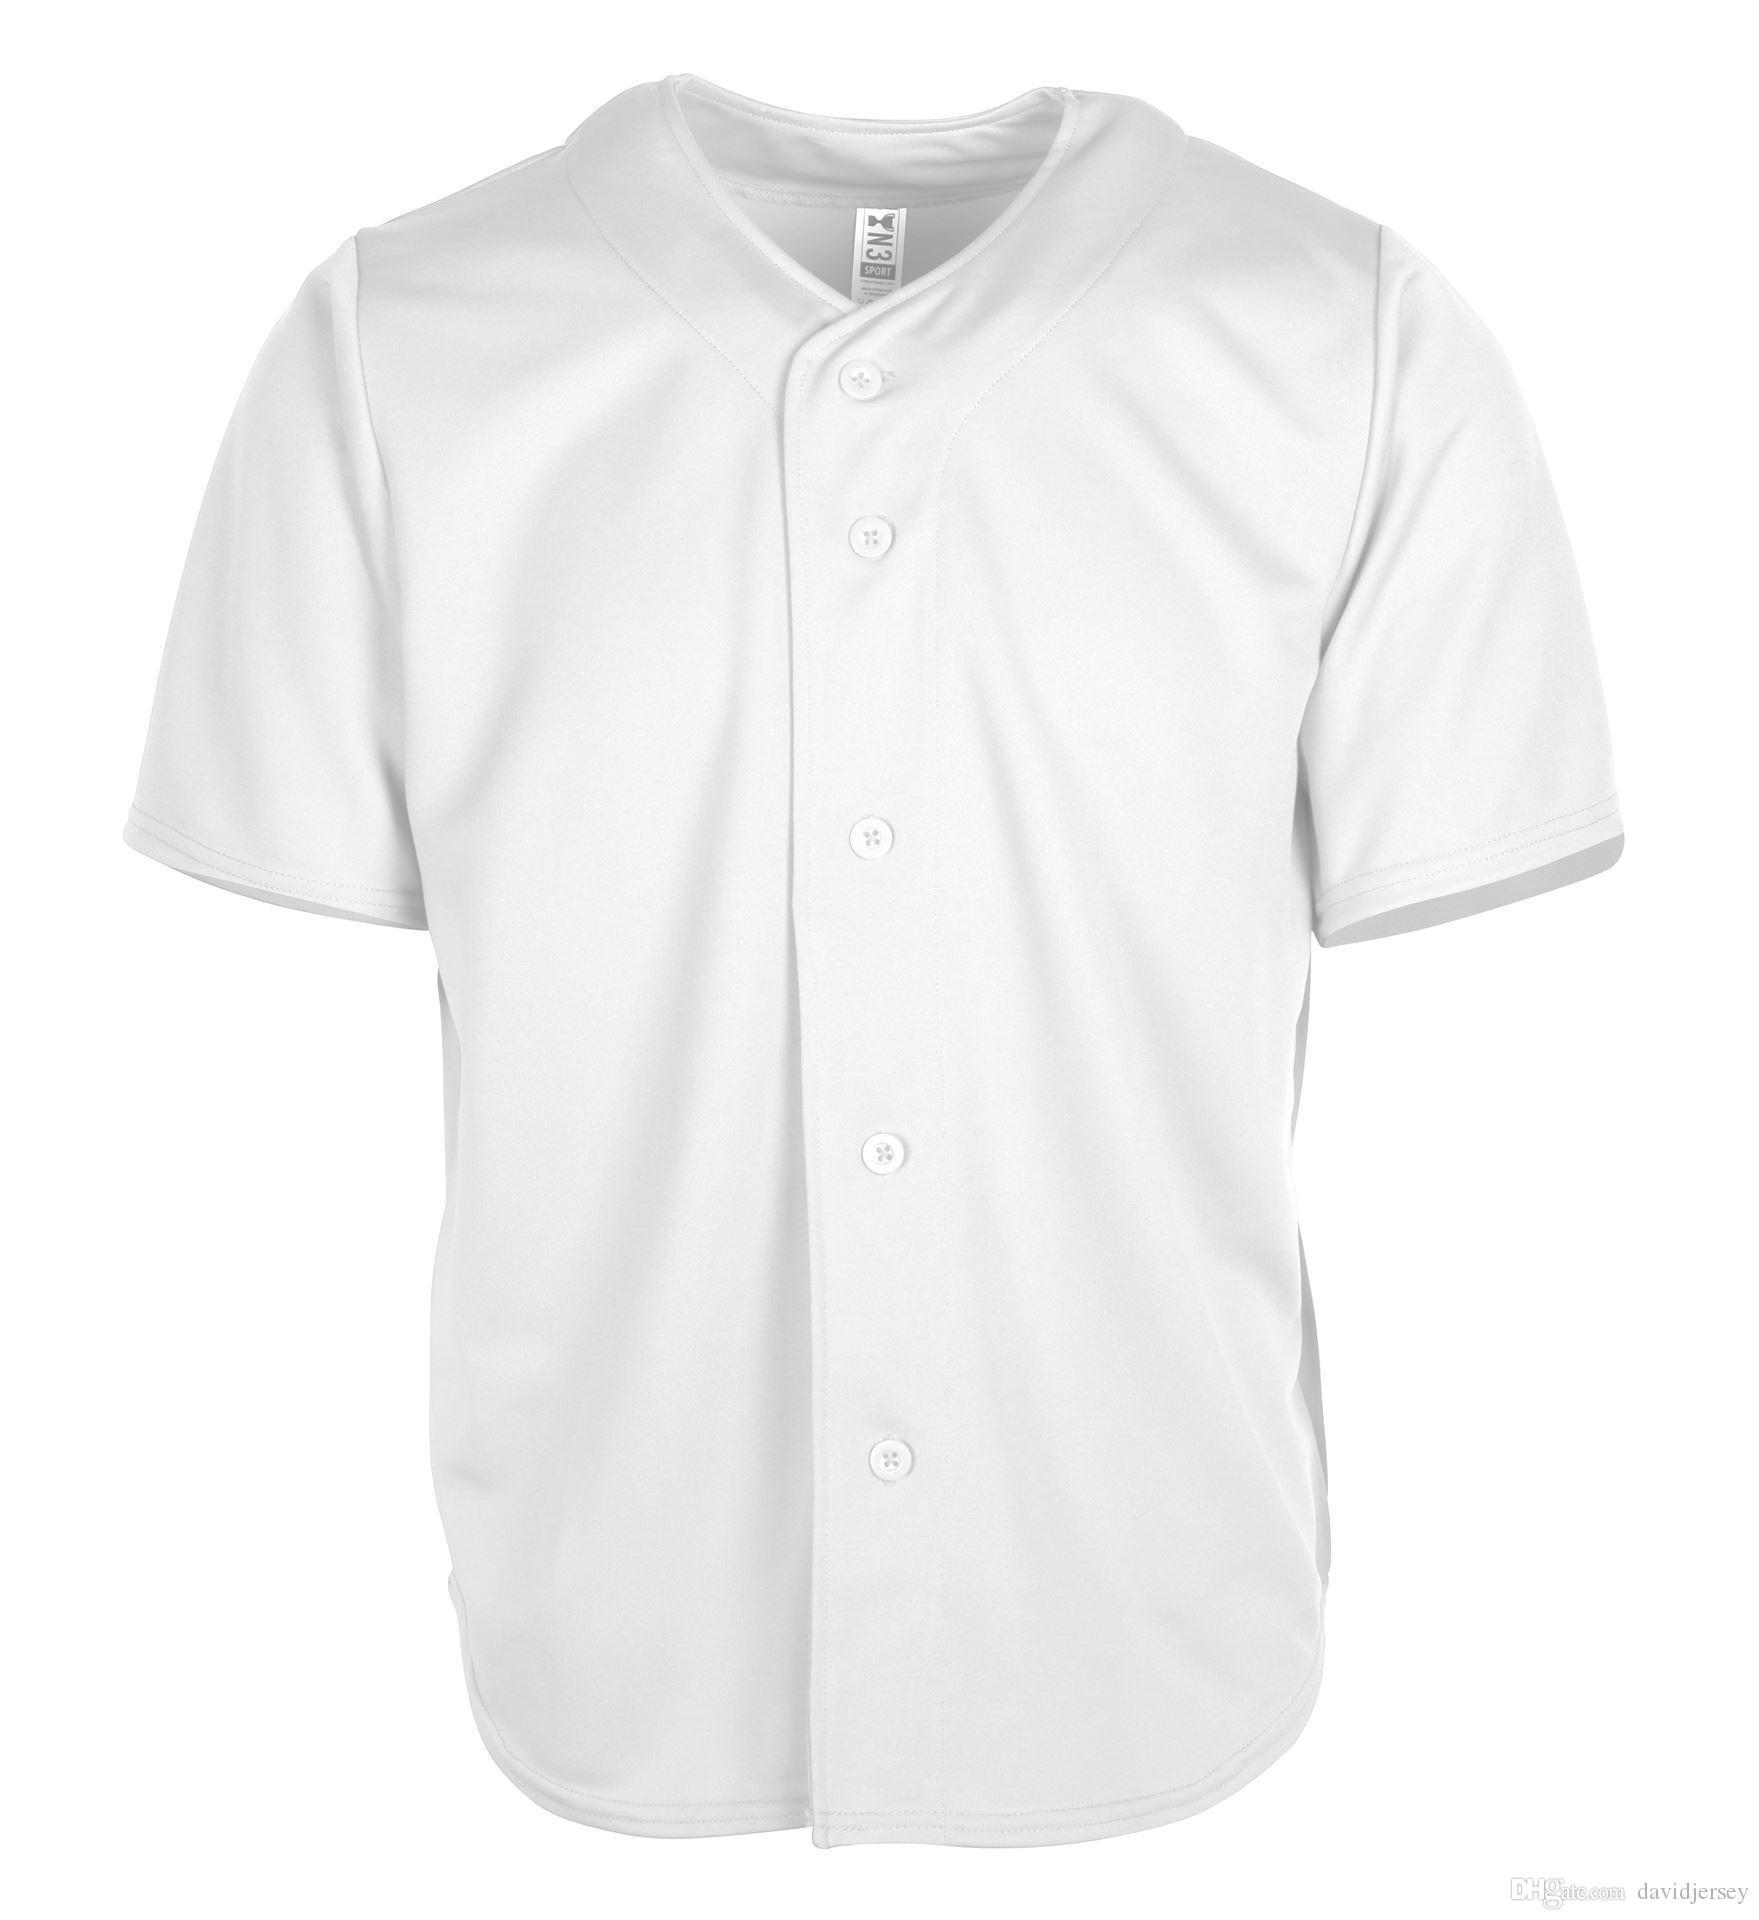 2019 Camo Özel Renk Yeni Erkekler Beyzbol Forması Genç Basit Düzgün Formalar Kimlik 000122 Ucuz